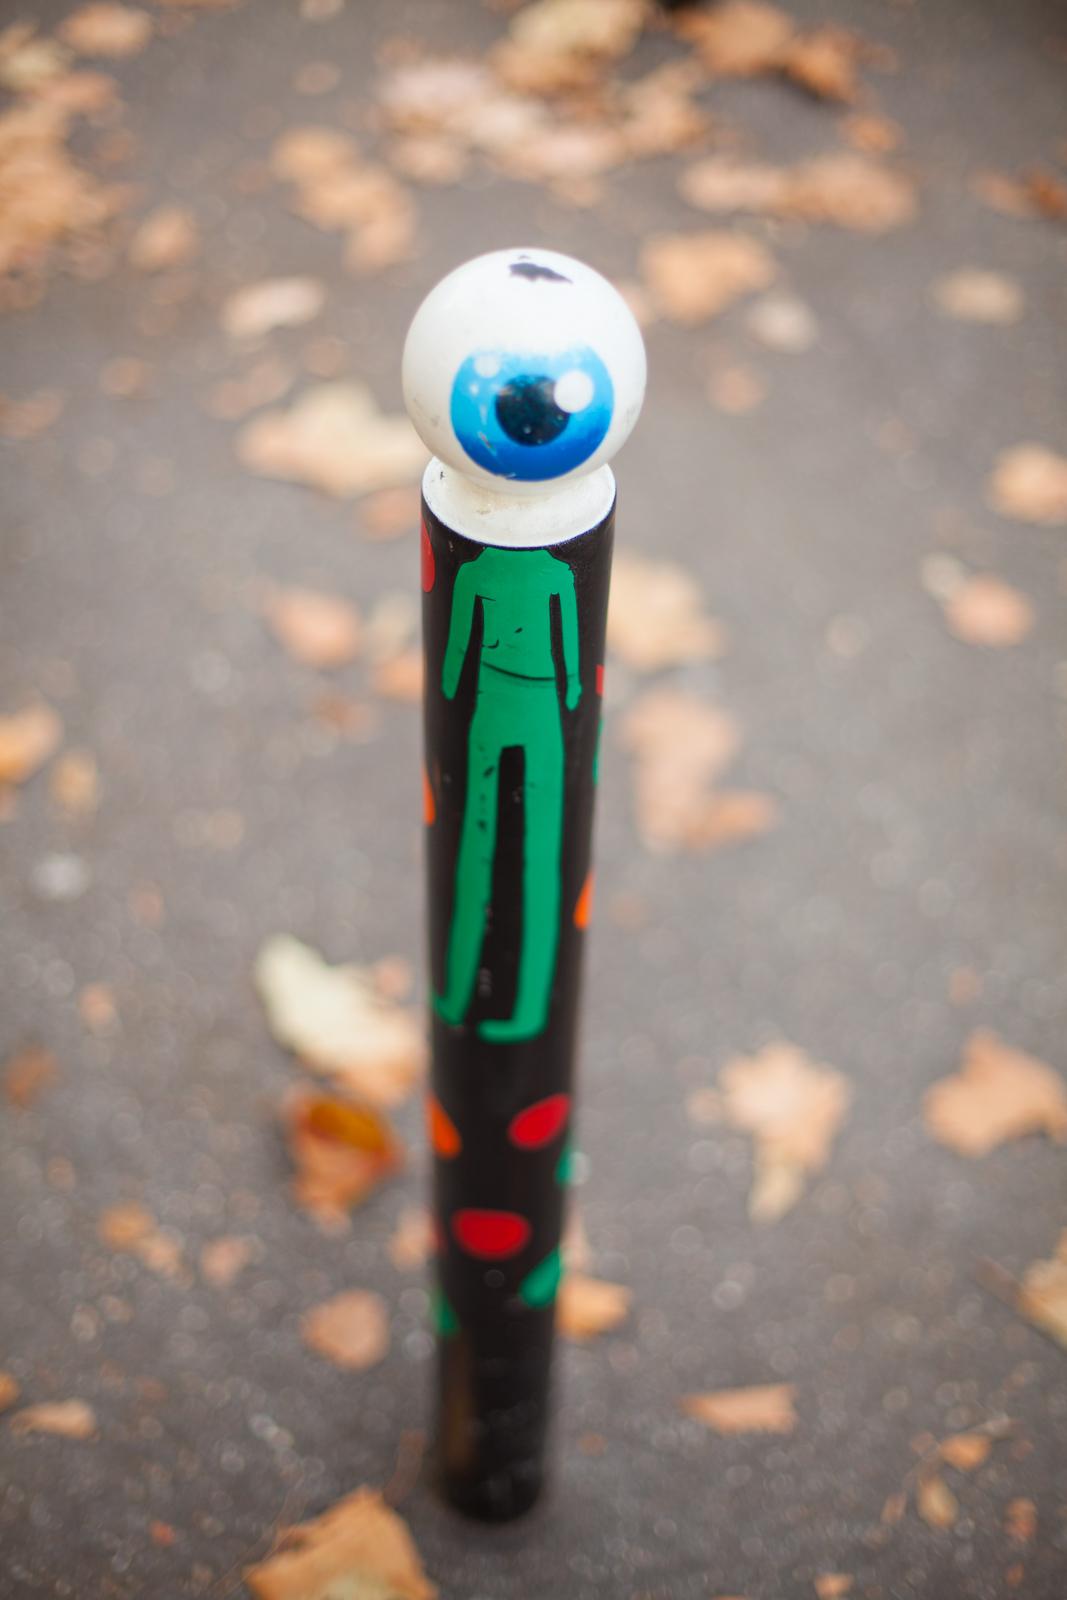 street art vitry-sur-seine, street art vitry, street art val-de-marne, street art banlieue paris, art urbain vitry, art urbain vitry-sur-seine, art urbain vitry, le guide du street art à paris, stéphanie lombard, cyklop